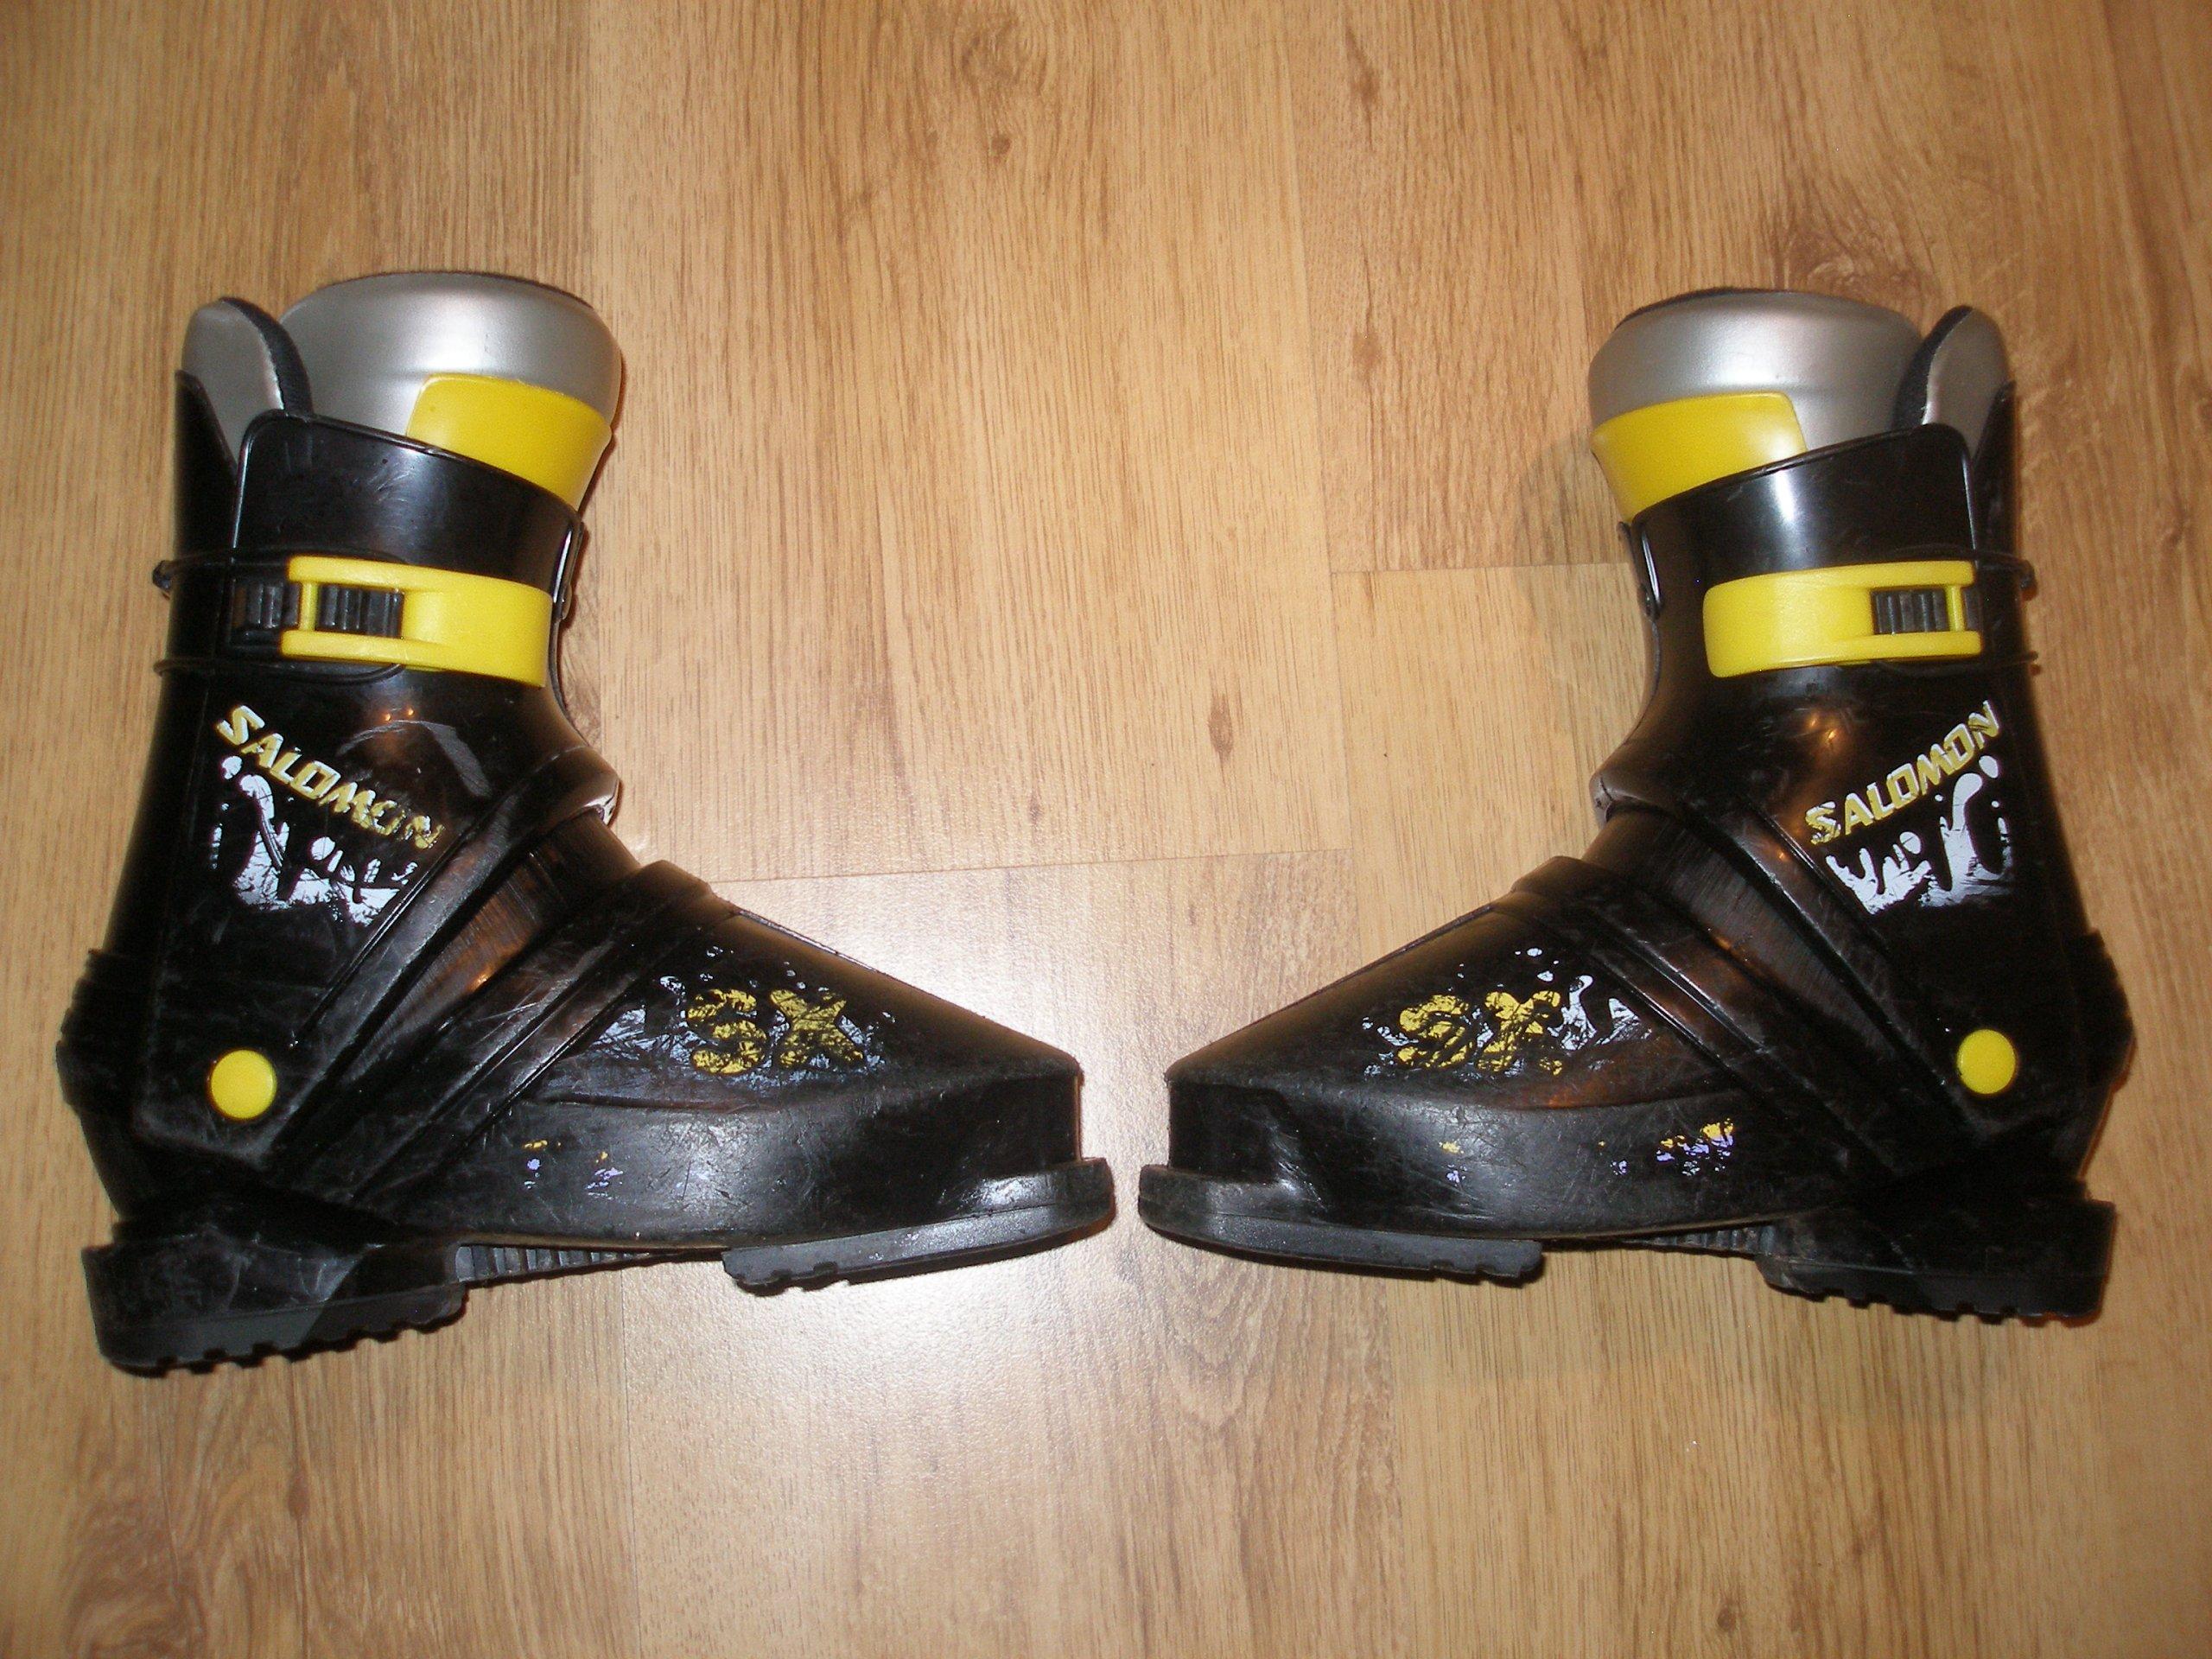 buty nart dziecięce Salomon 19 cm wkładka rozm 29